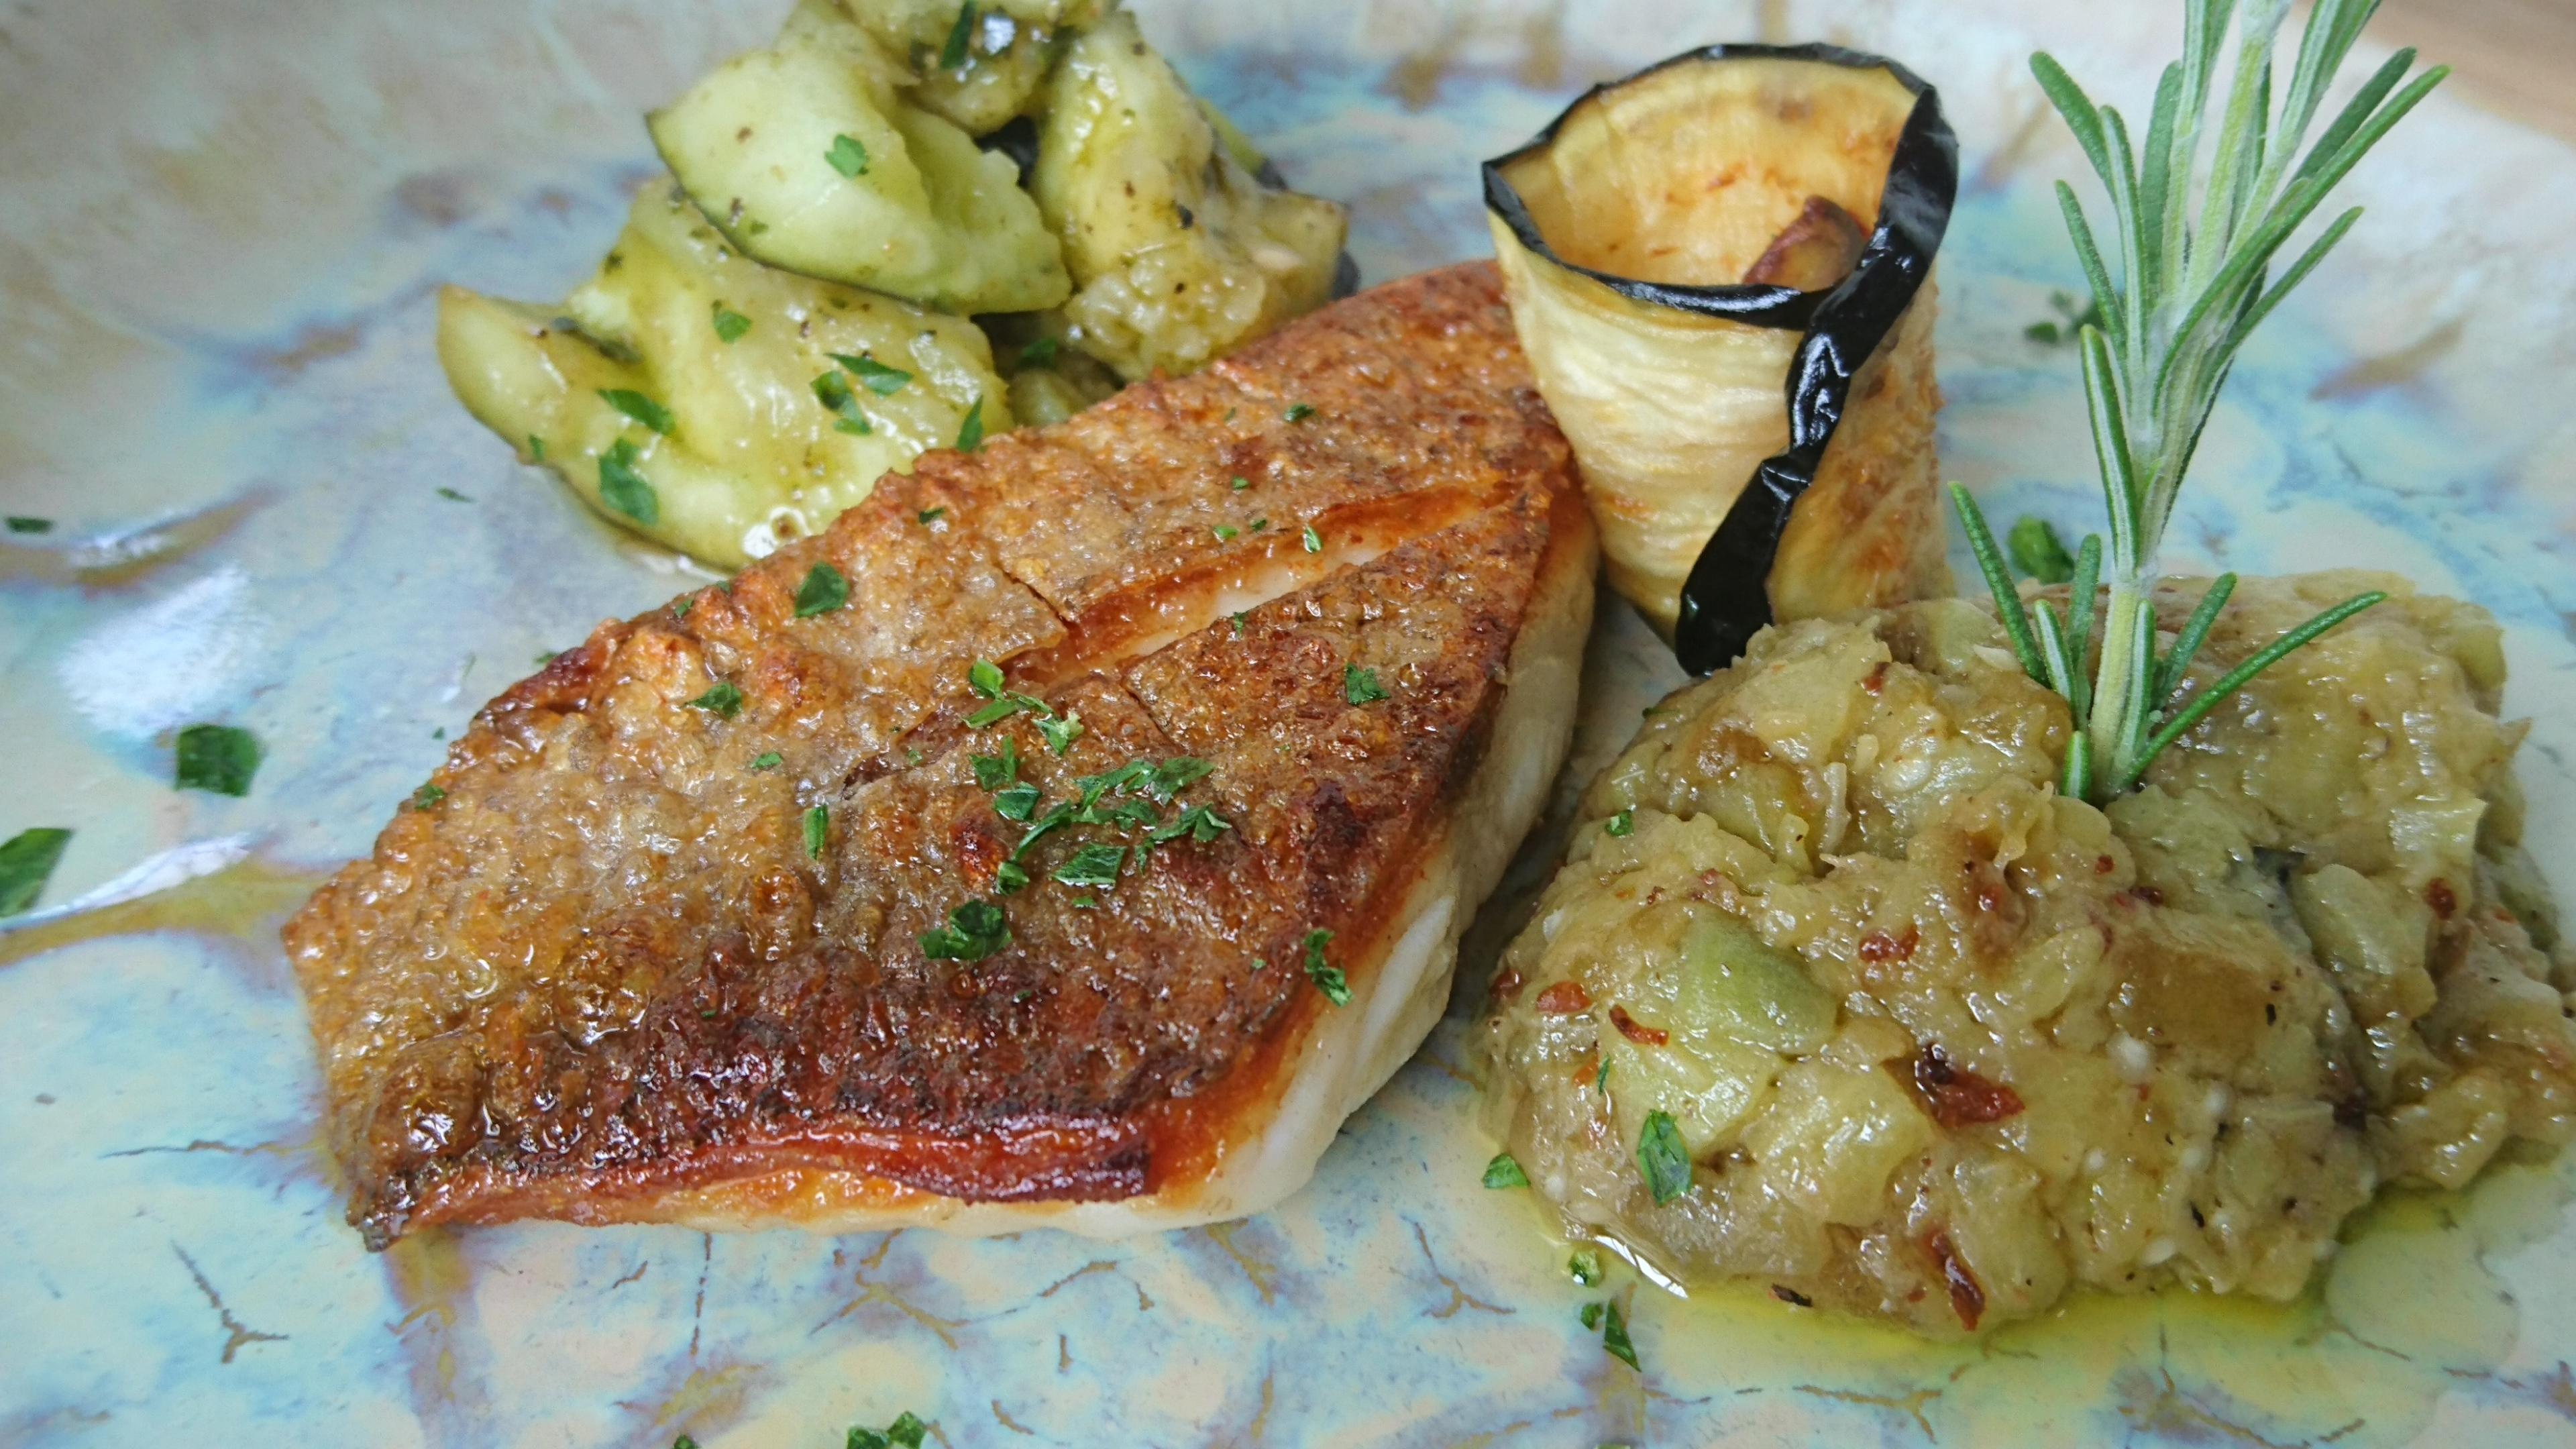 熟成  白身魚のクロカンテ 焼き茄子とアンチョビのソース  水茄子のサラダ添え